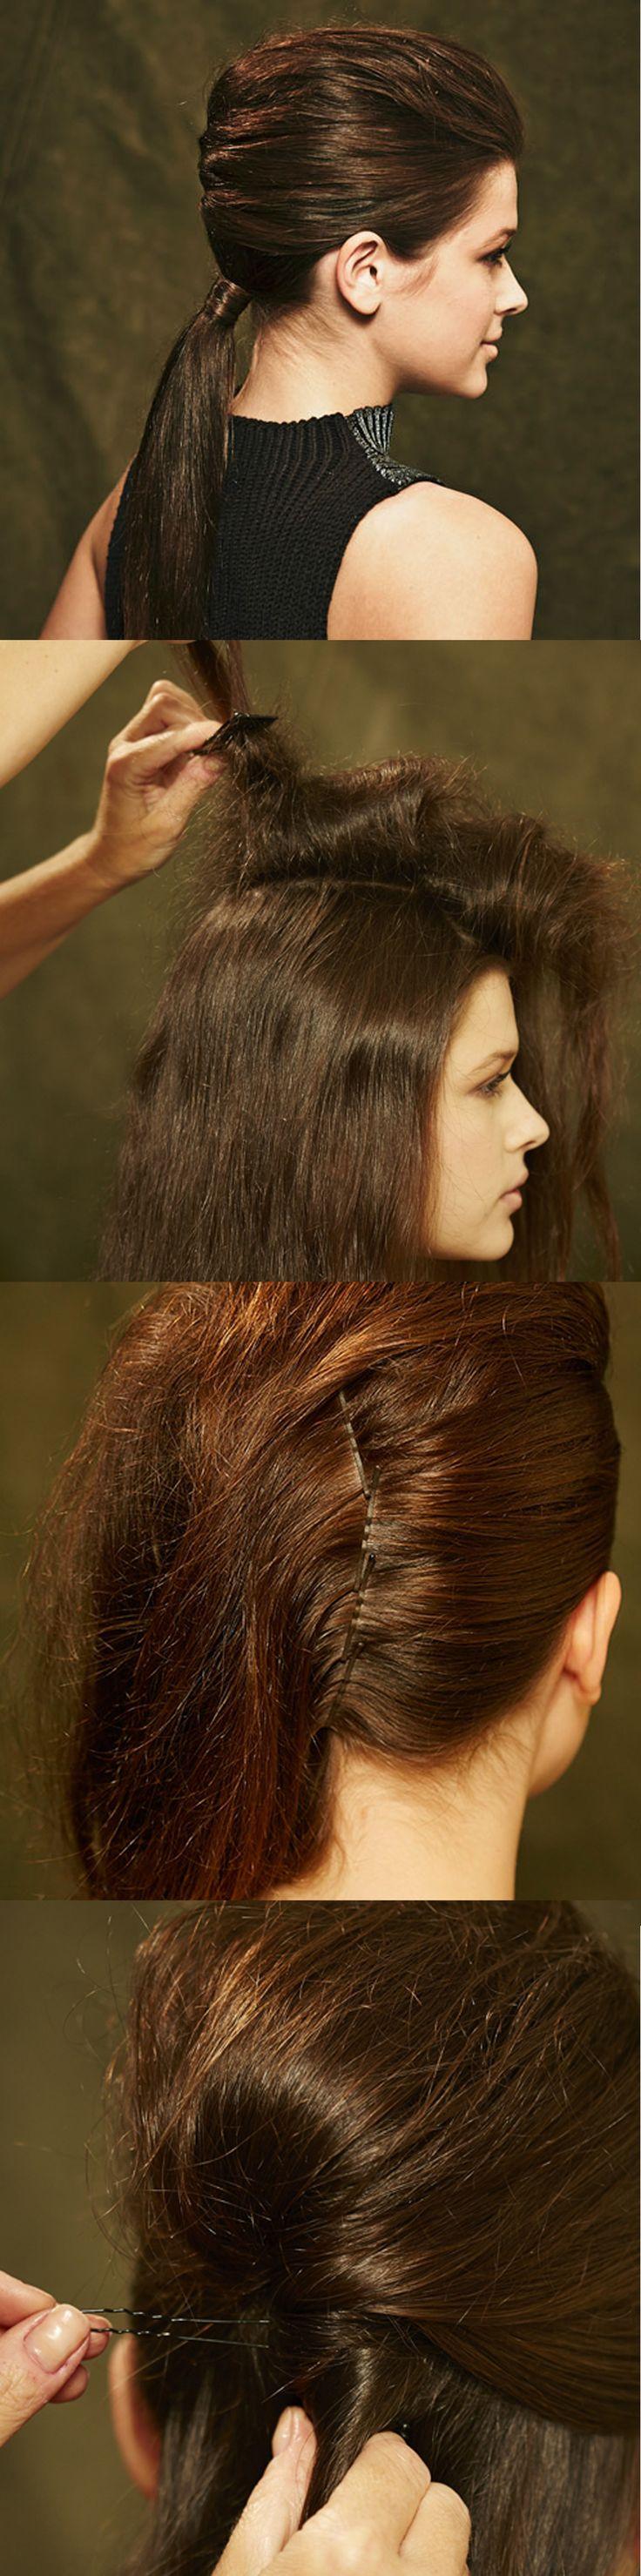 ZOPF elegant eingeschlagen  1) Mittelscheitel ziehen und Haare auf einer Seite mit Spray und Kamm antoupieren.  2) Von der anderen seite glatt nach hinten kämmen und entlang des Mittelscheitels Haare am Hinterkopf feststecken.  3) Toupierte Haarpartie mit den restlichen Haaren zu einem Strang fest eindrehen und mit langen Klammern fixieren. Von Brigitte Beauty